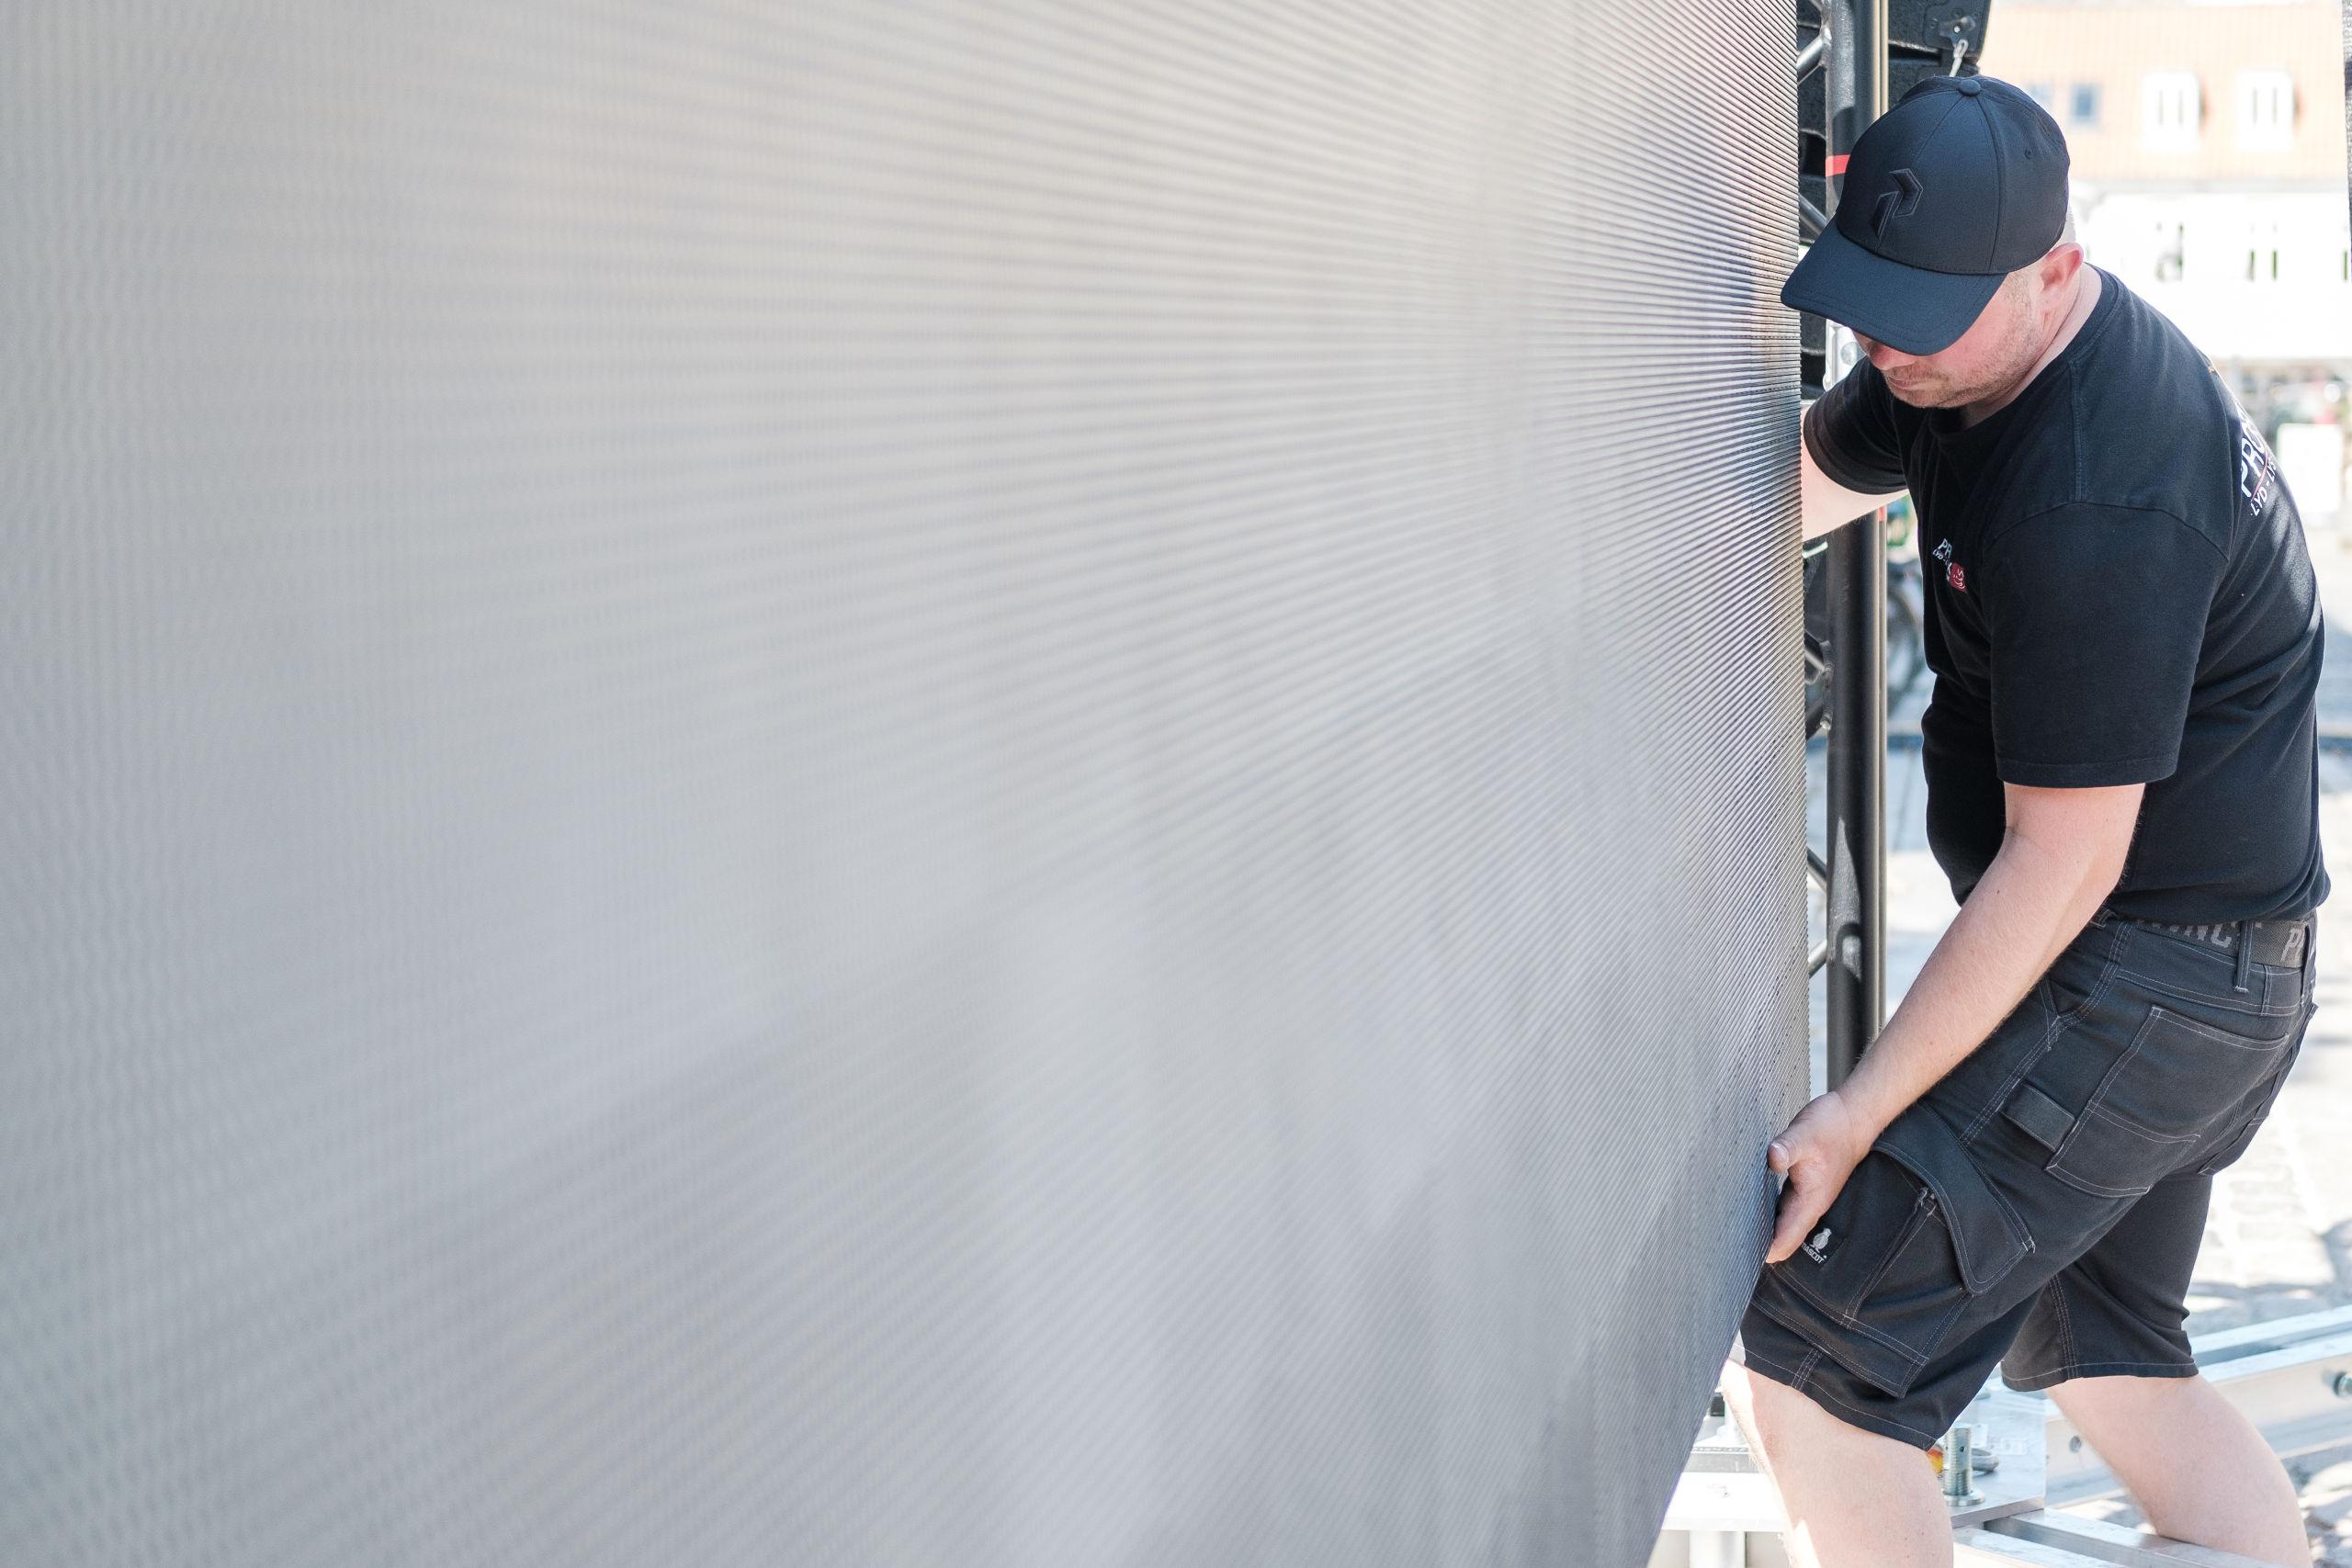 På Gammeltorv arbejdes på højtryk for at blive klar til VM på storskærm. Det er Mads Lange, der samler storskærmen. Foto: Lasse Sand